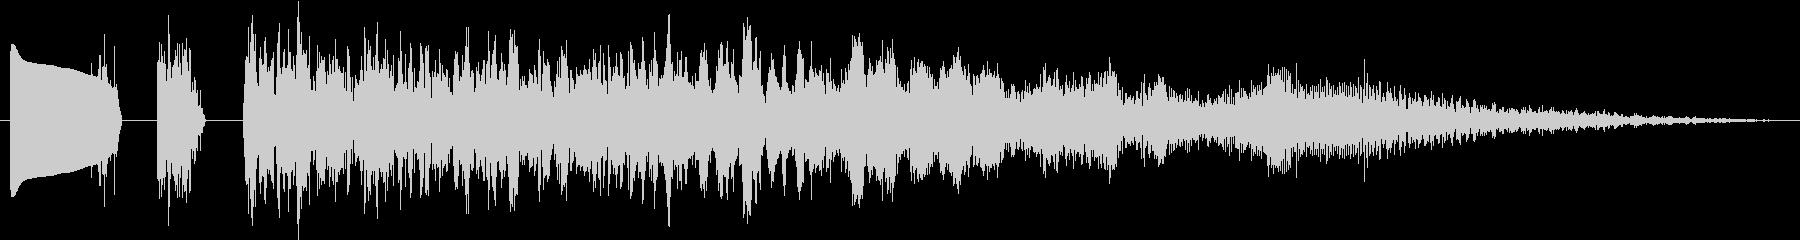 マジカルフーシュの未再生の波形